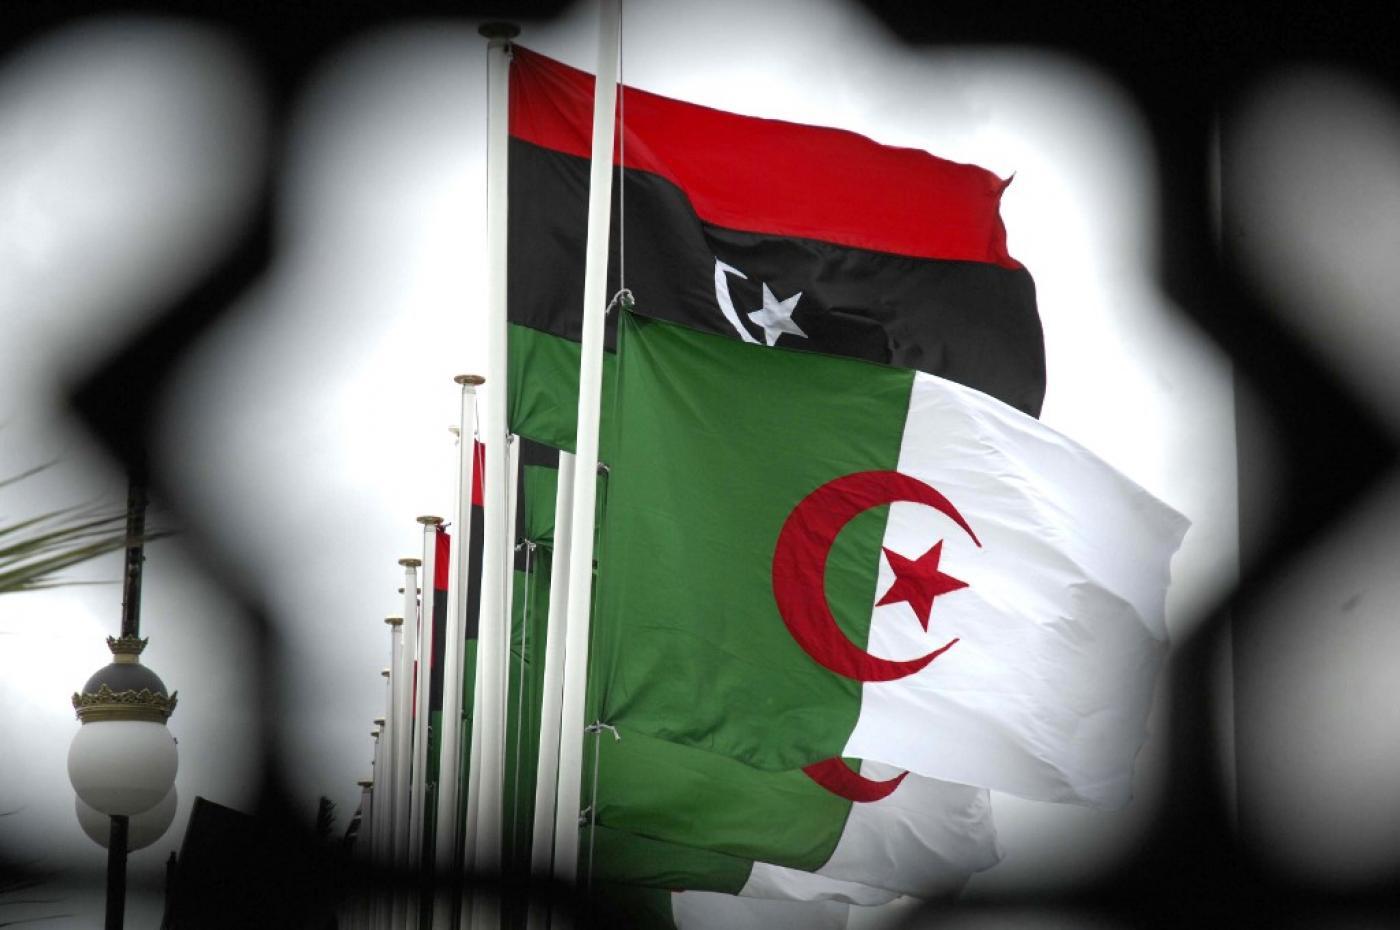 Les responsables algériens devraient s'occuper de ses affaires intérieures plutôt que celles de son